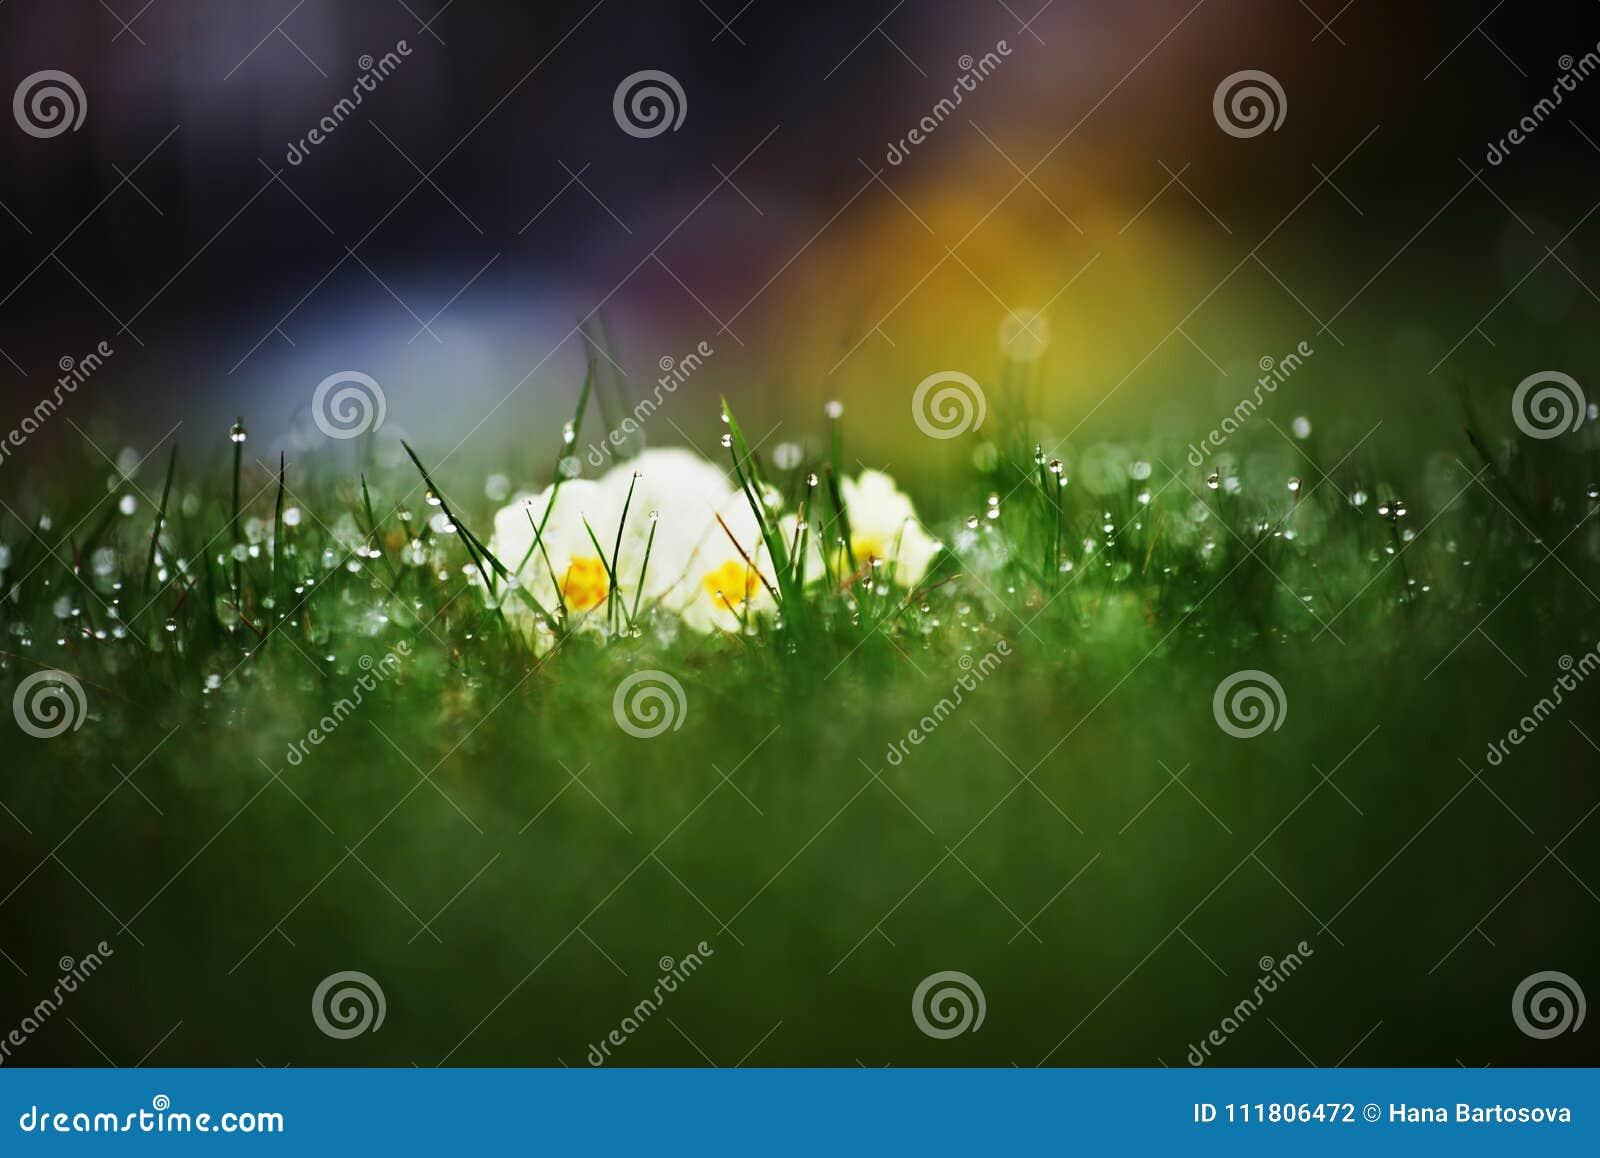 Hierba verde joven cubierta de rocio con el pensamiento creciente el la primavera